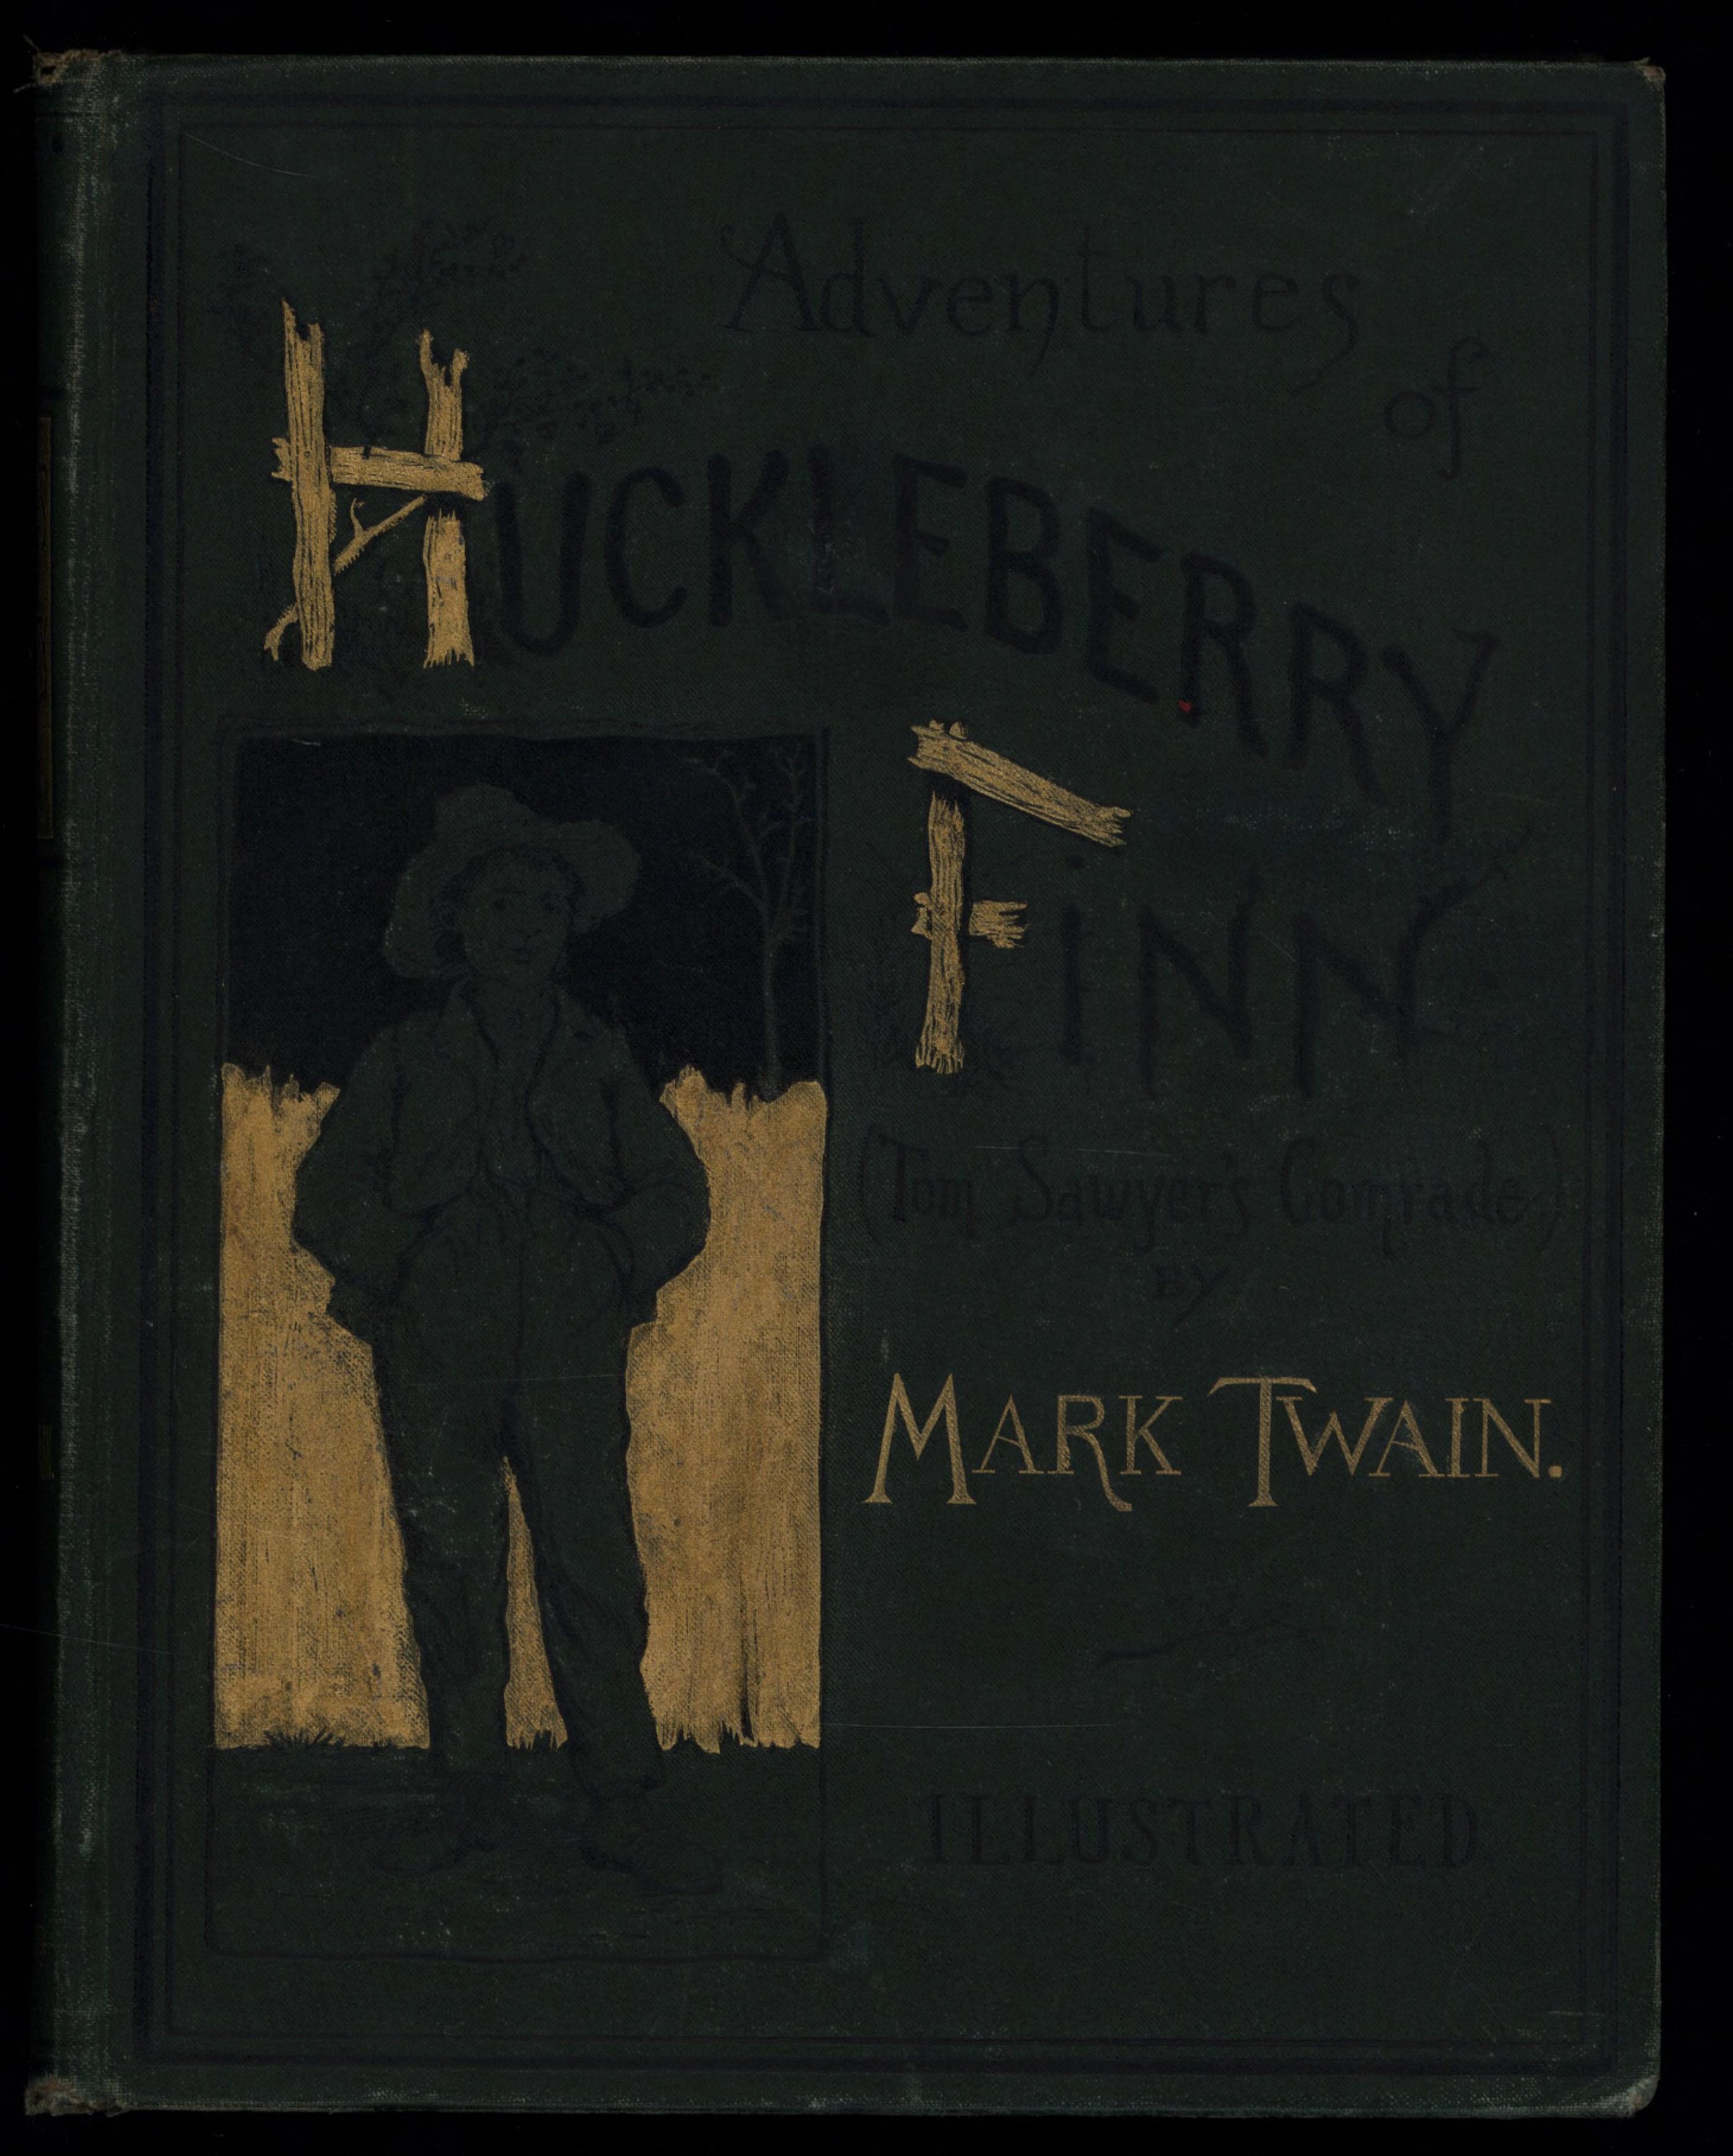 Adventures_of_Huckleberry_Finn_1885_Mark_Twain_00010.jpg